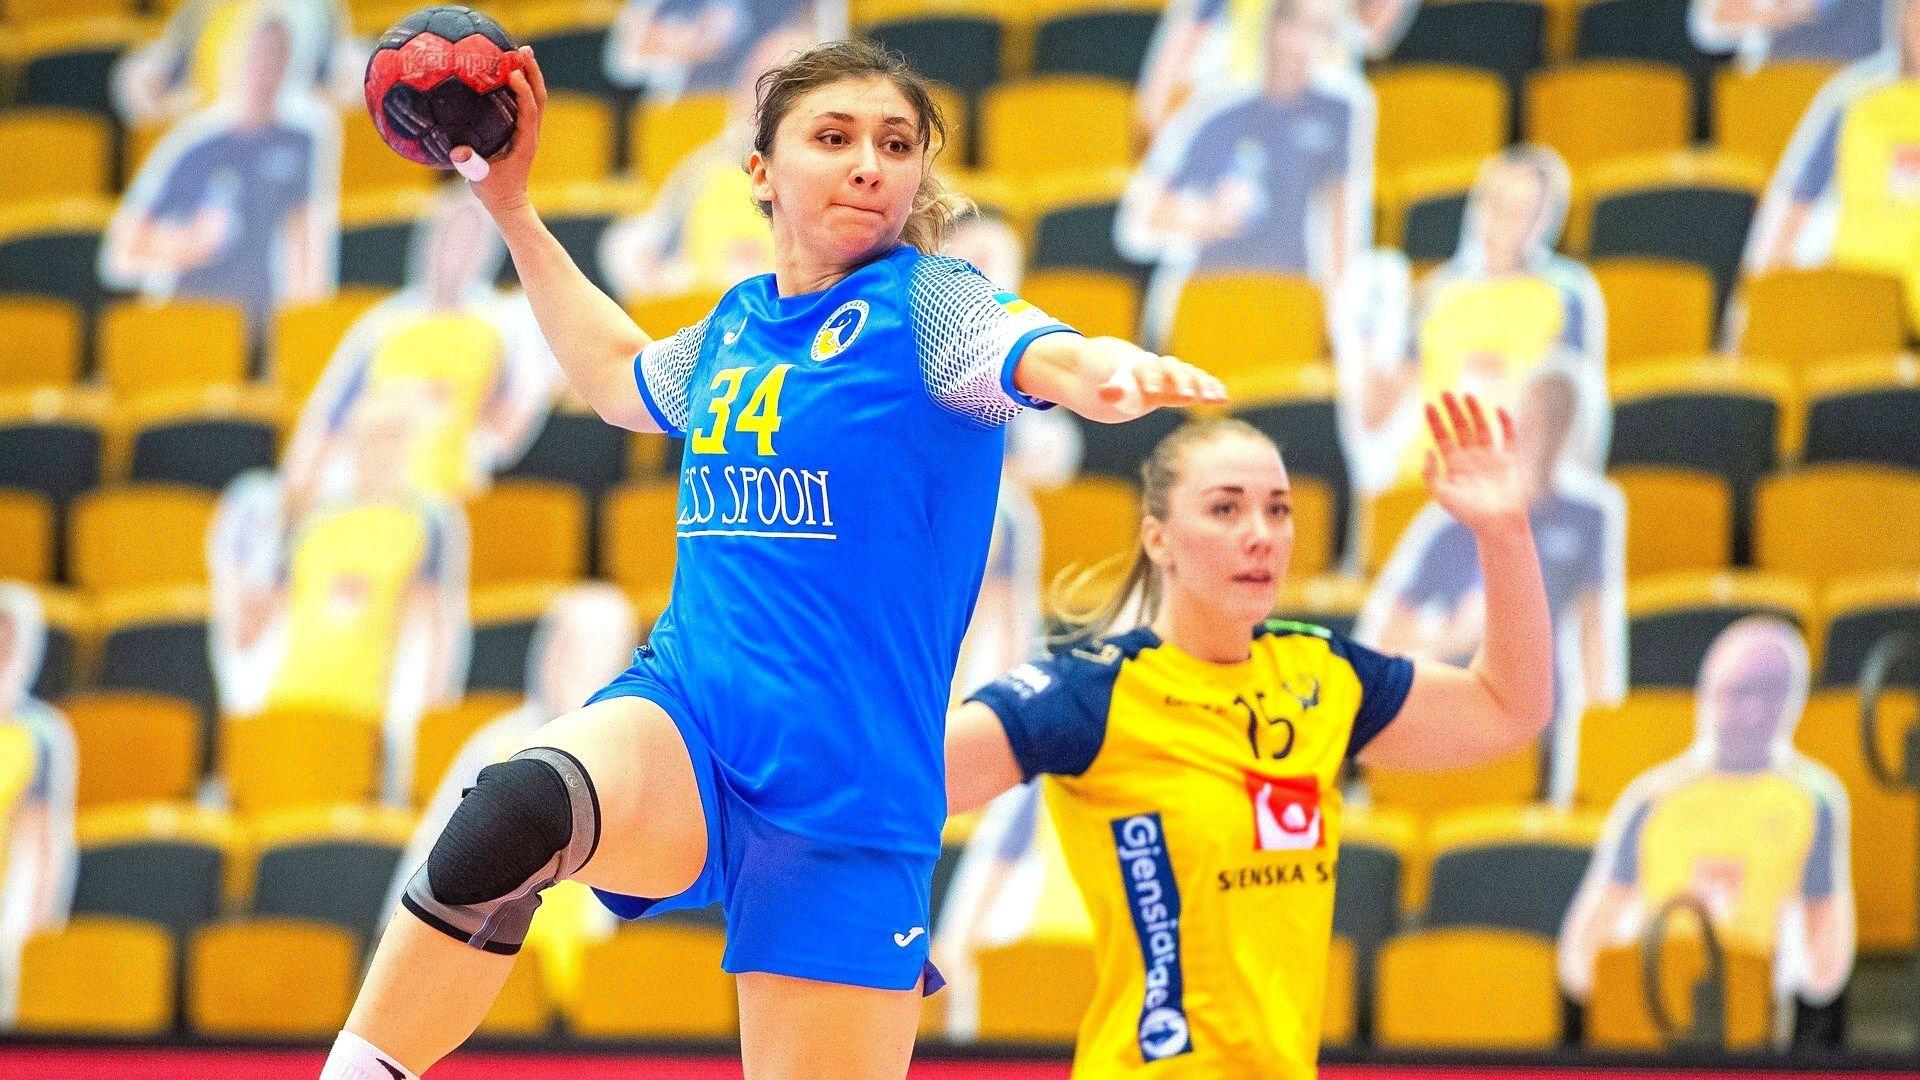 Măsuri de relaxare majore pentru sportul românesc, din 1 iunie. Competiţiile în spaţii închise vor putea avea spectatori